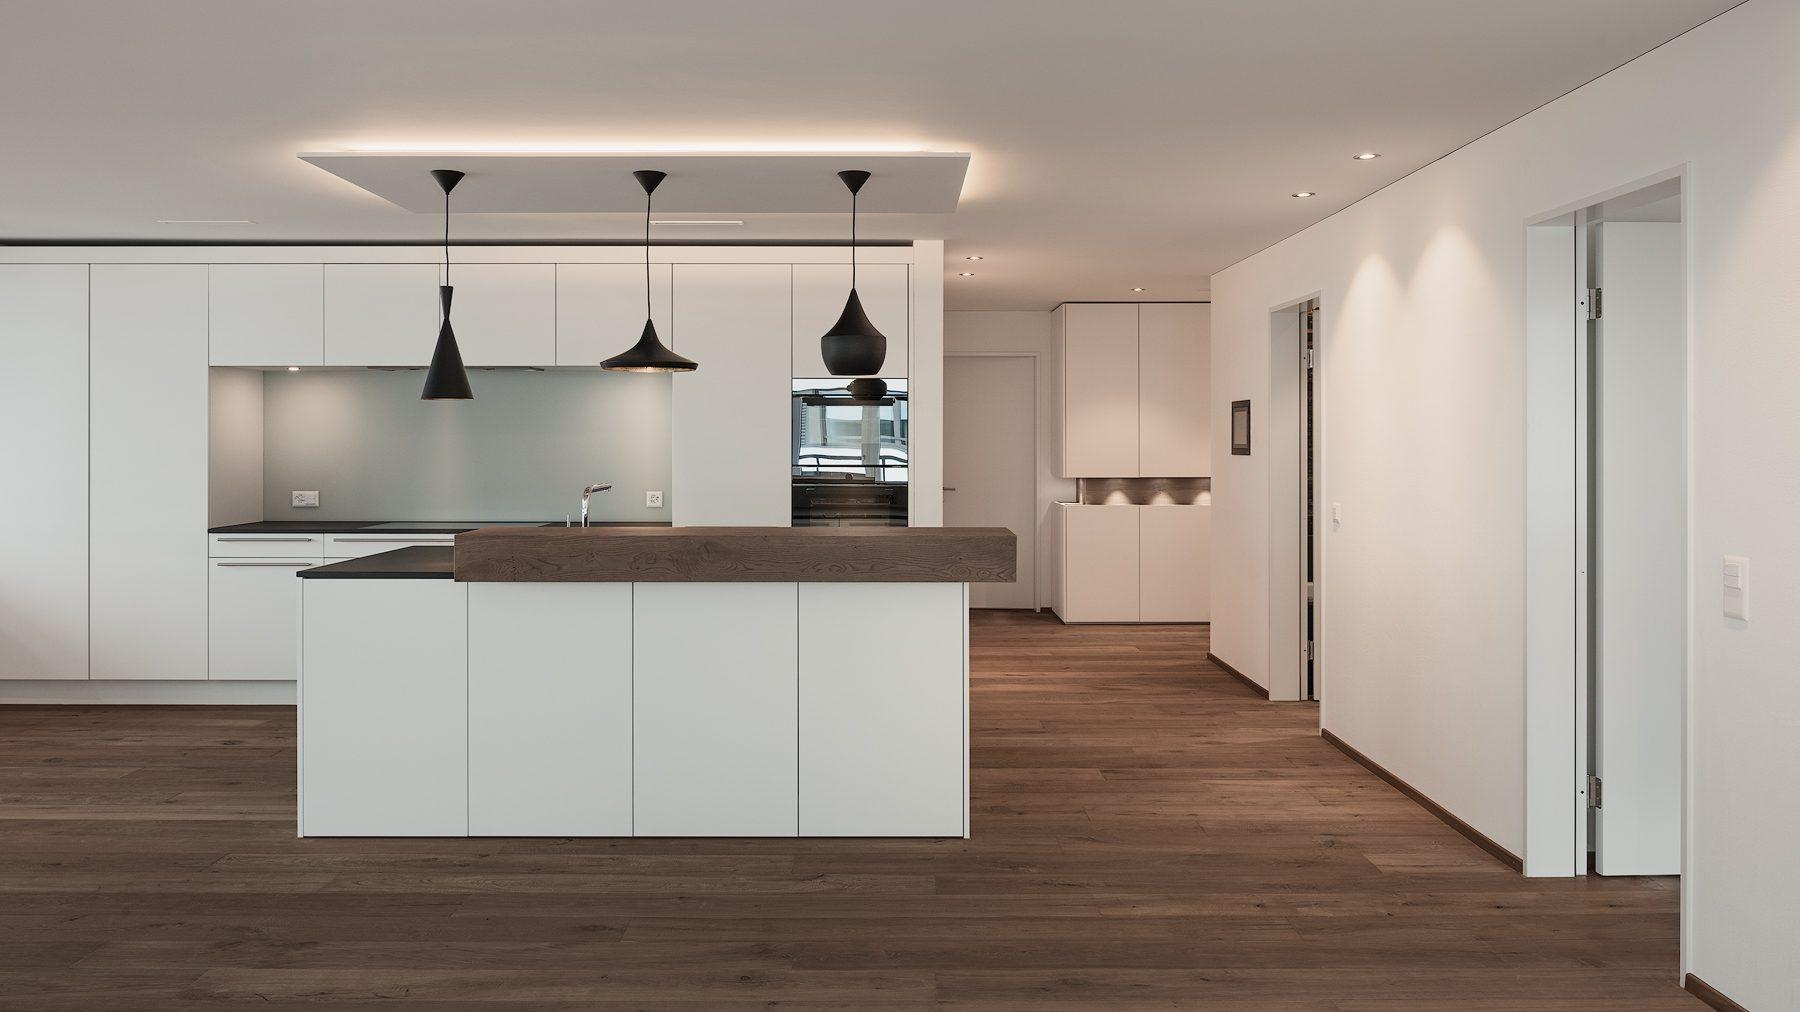 interieurfotografie, Innenarchitektur Neubauprojekt Mirador in Schwyz